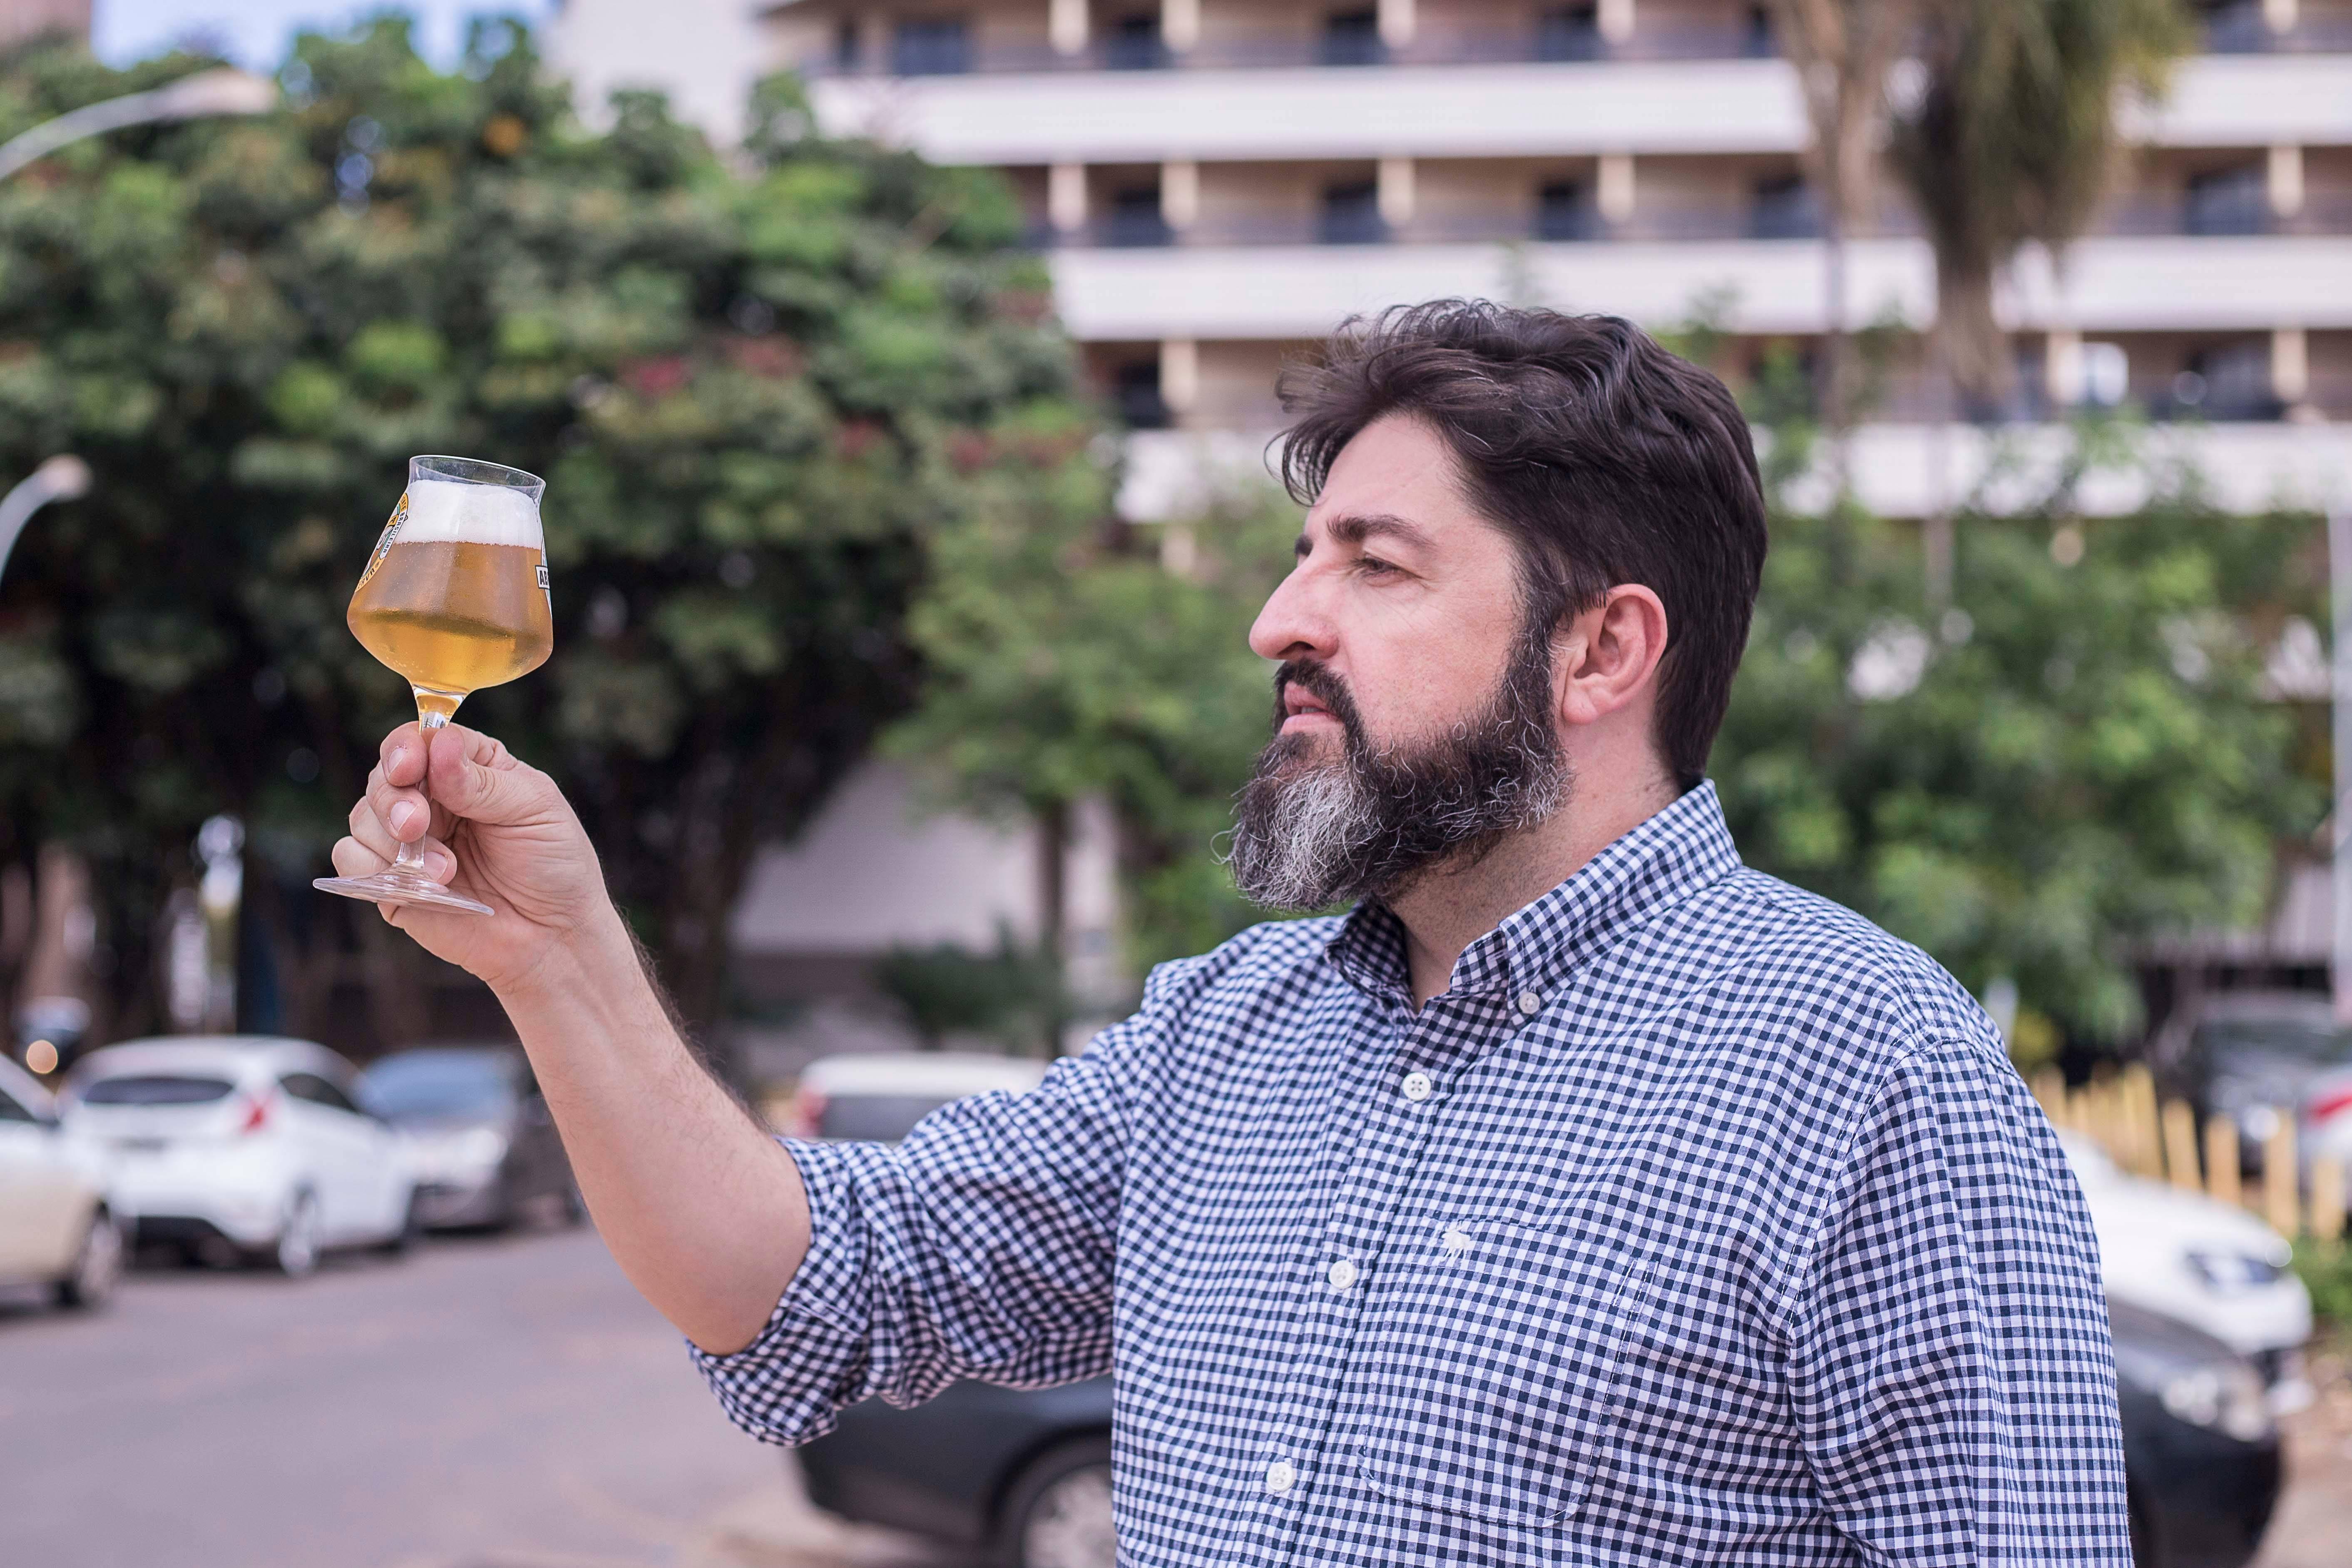 Presidente da Abracerva, Carlo Lapolli fala sobre como o caso da Cervejaria Backer. Foto: Bruno Dupon/ Divulgação